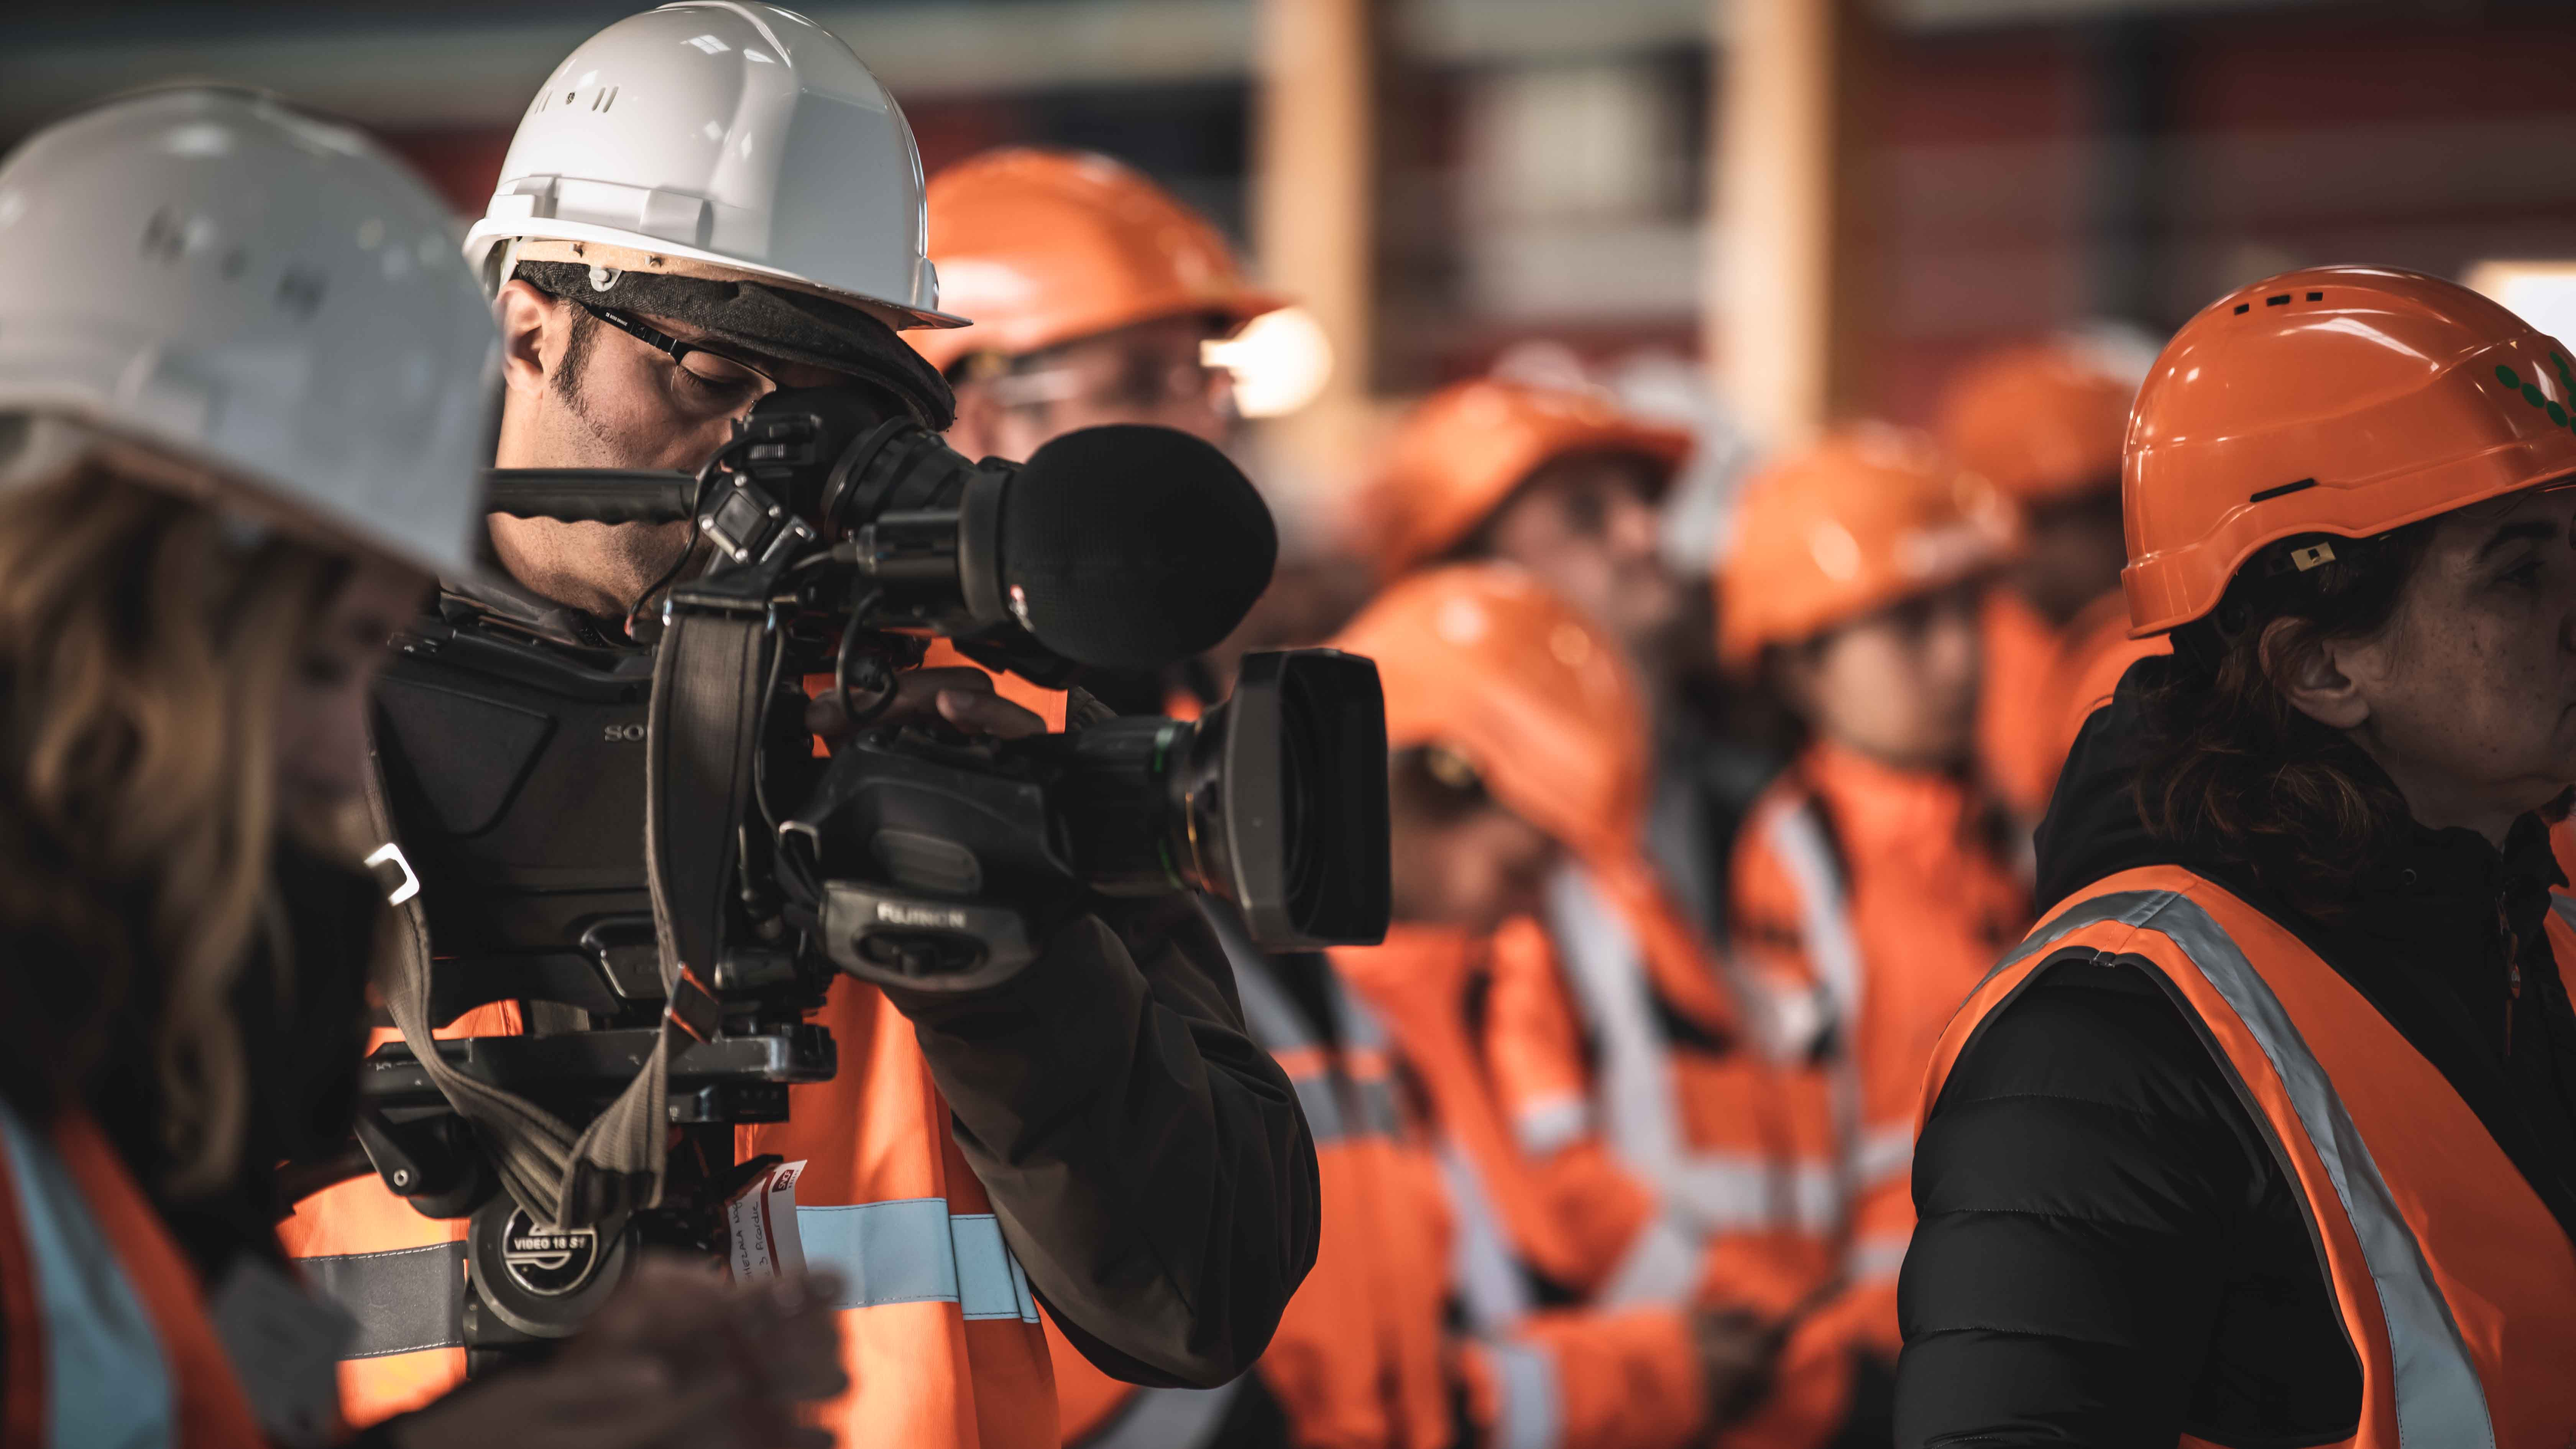 Caméra TV pour couvrir l'événement inaugural SNCF Réseau